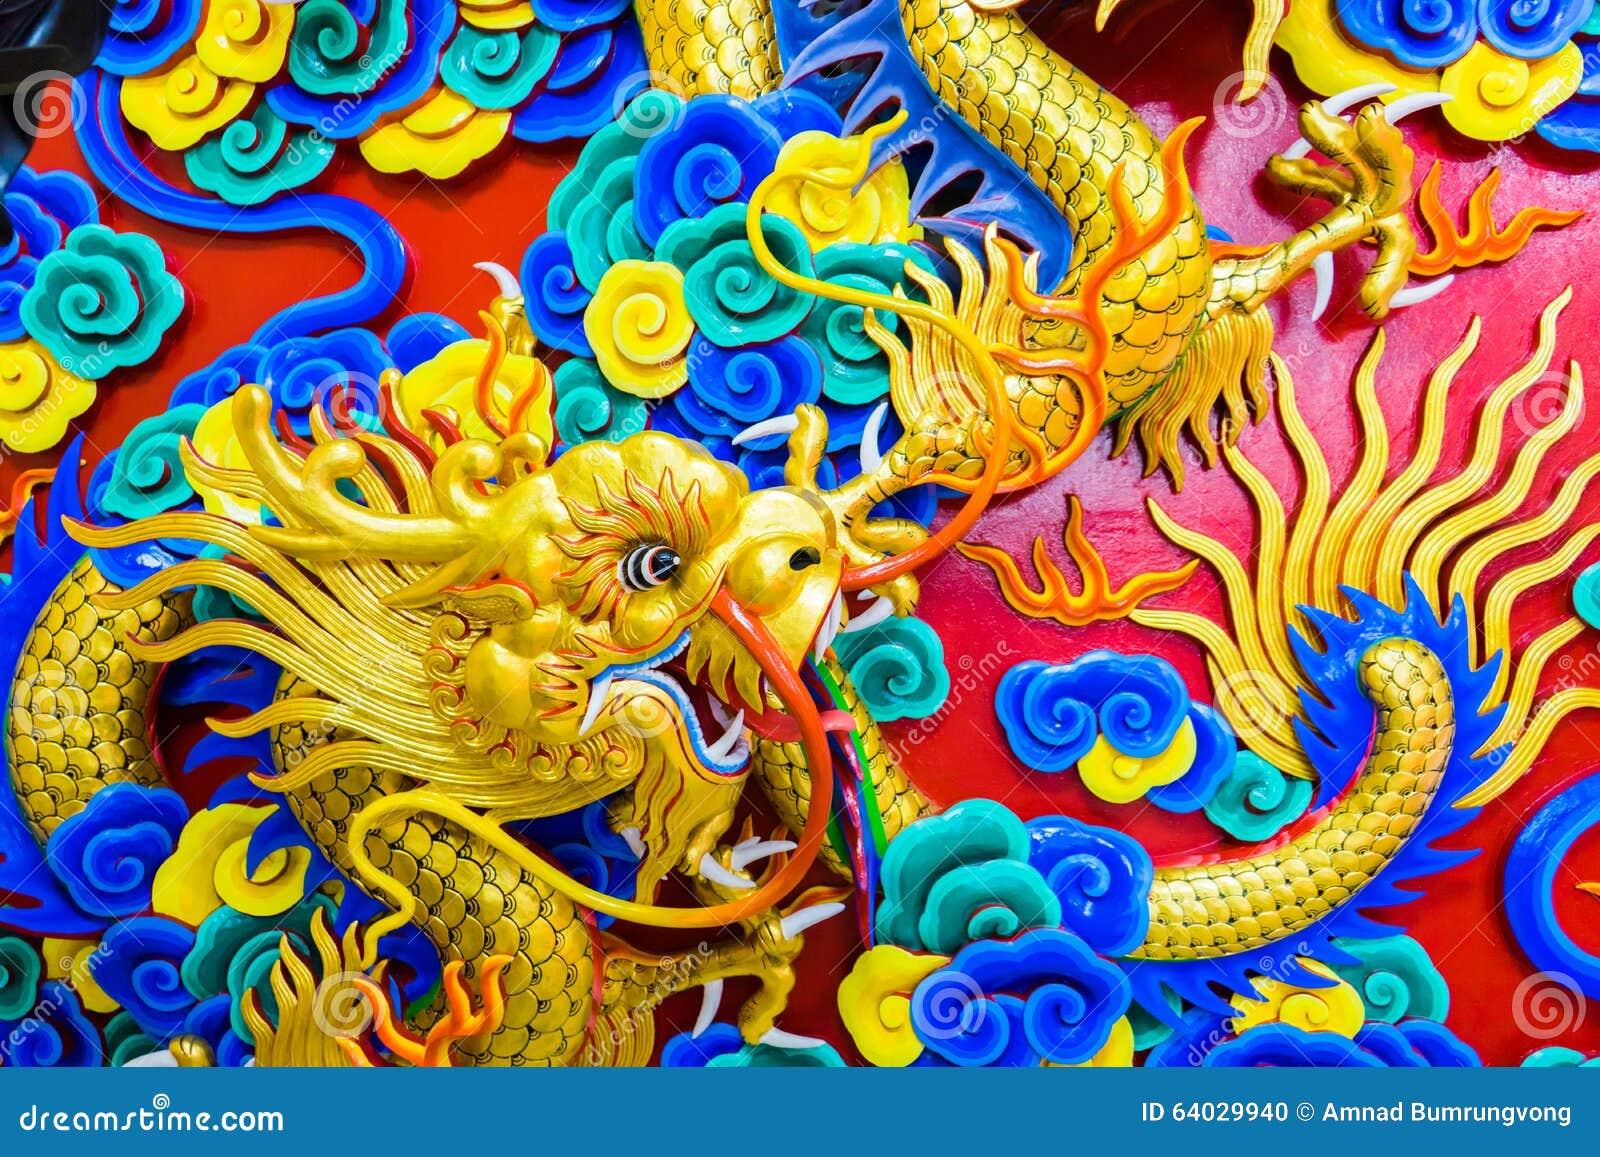 Photos pour Adolescent asiatique, Images de Adolescent